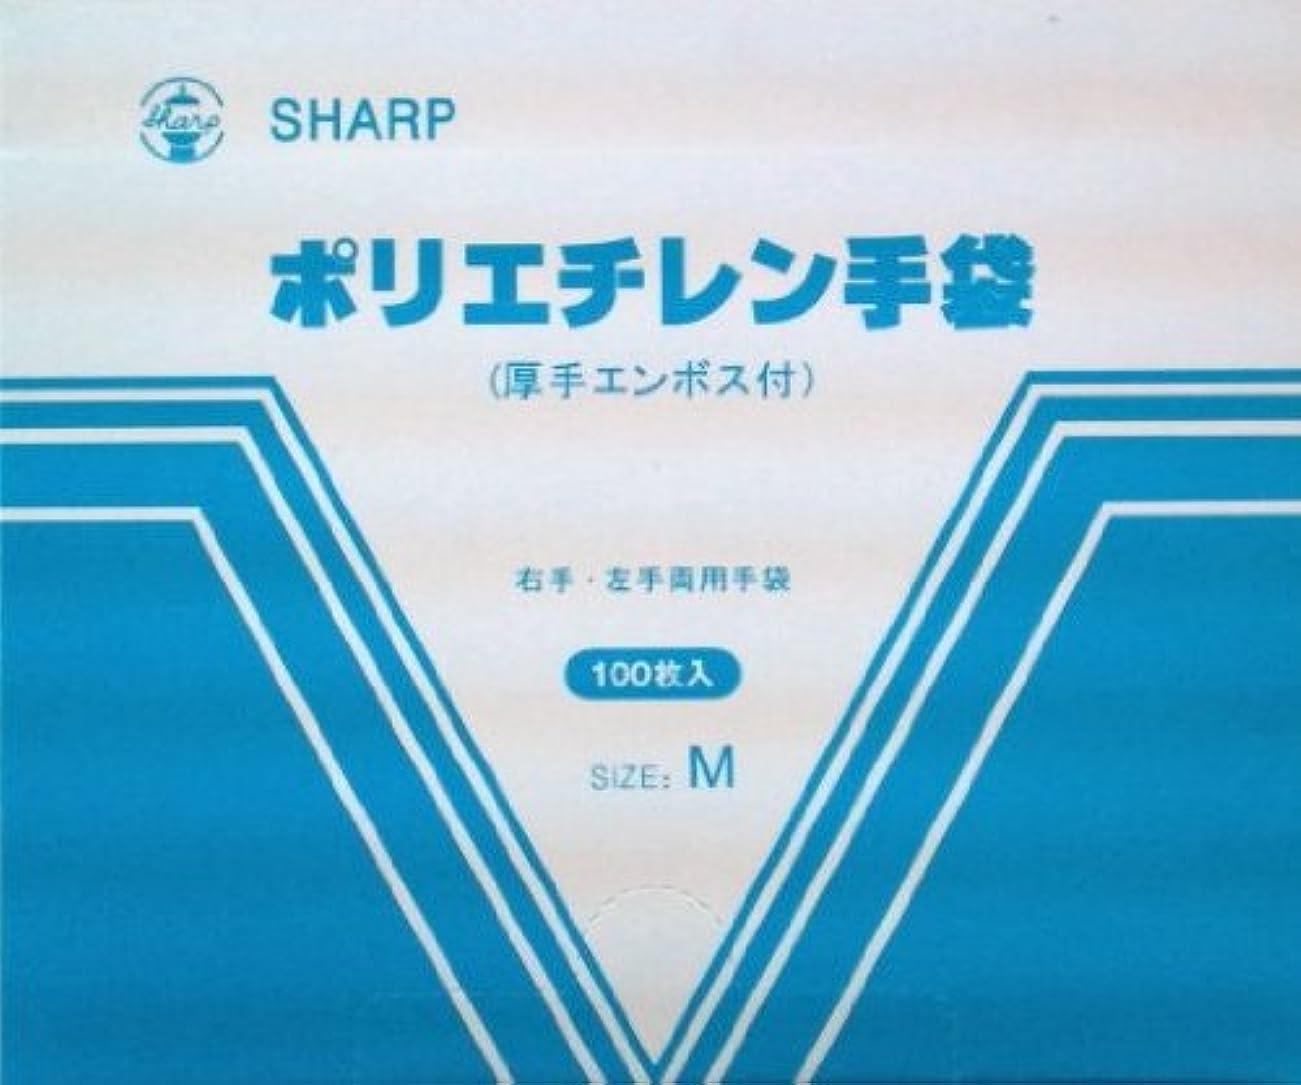 メイエラジャズインディカ新鋭工業 SHARP ポリエチレン手袋 左右兼用100枚入り Mサイズ 100枚入り